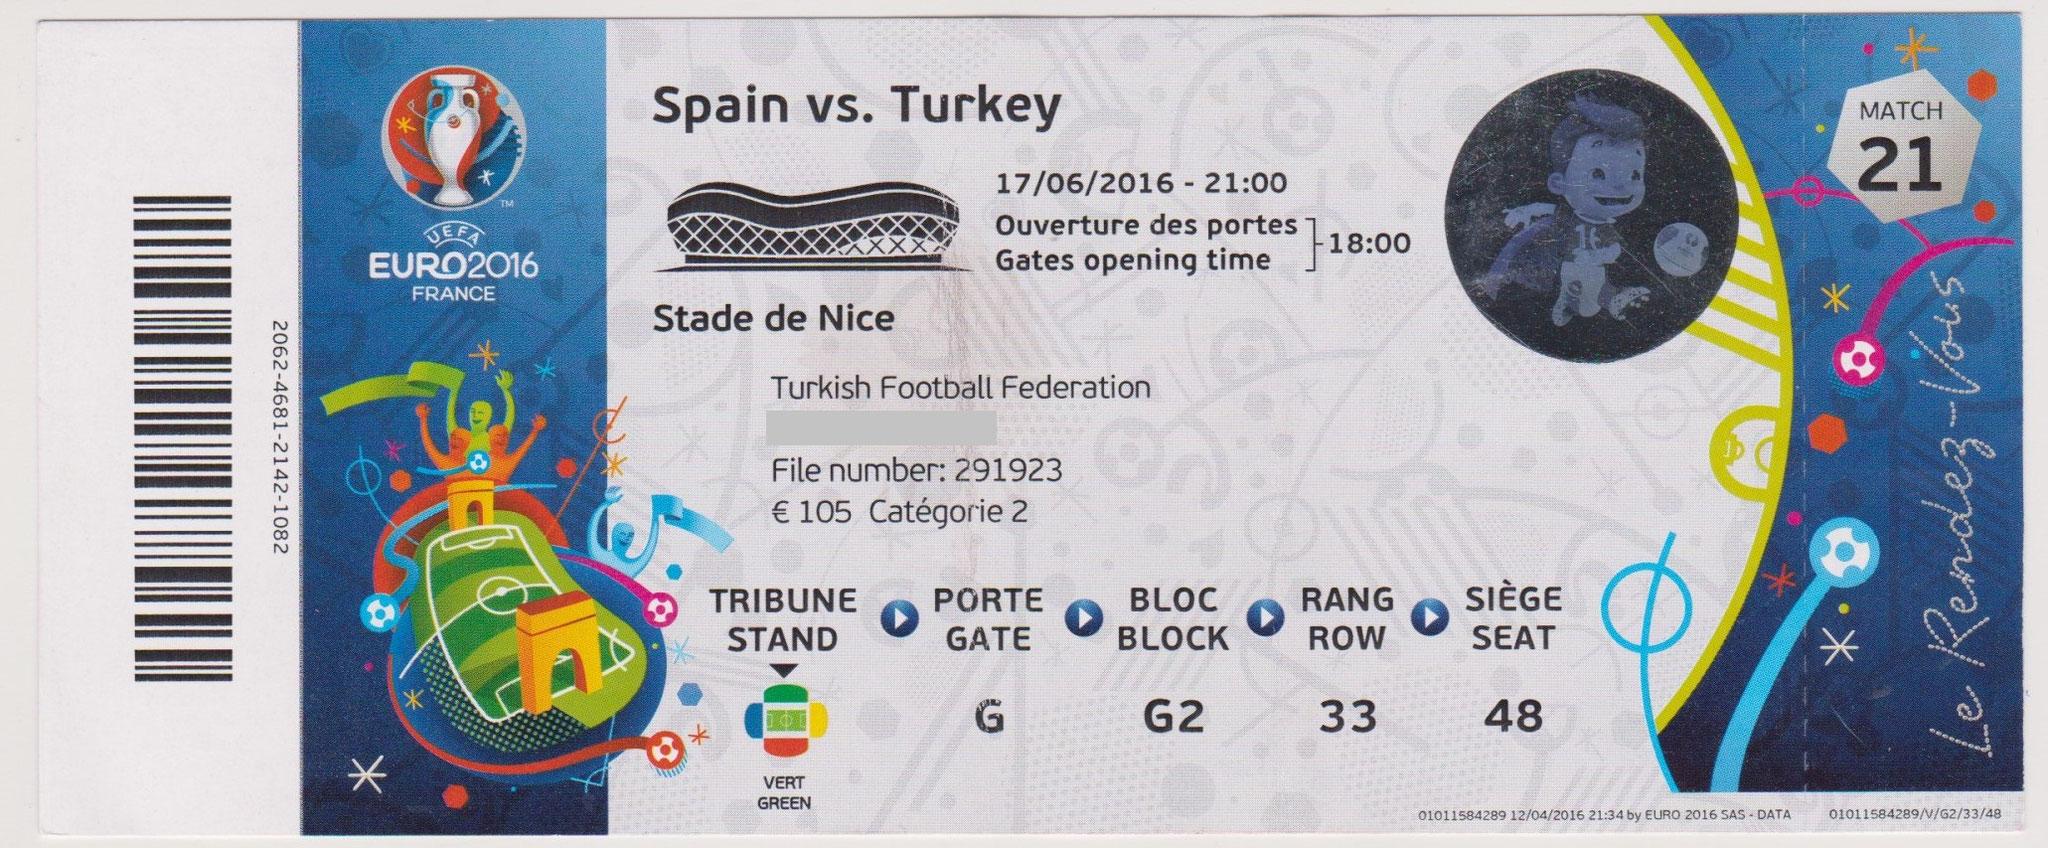 17/06/2016  Nice :  Espagne  3 - 0 Turquie  > Morata (2), Nolito (Esp) <